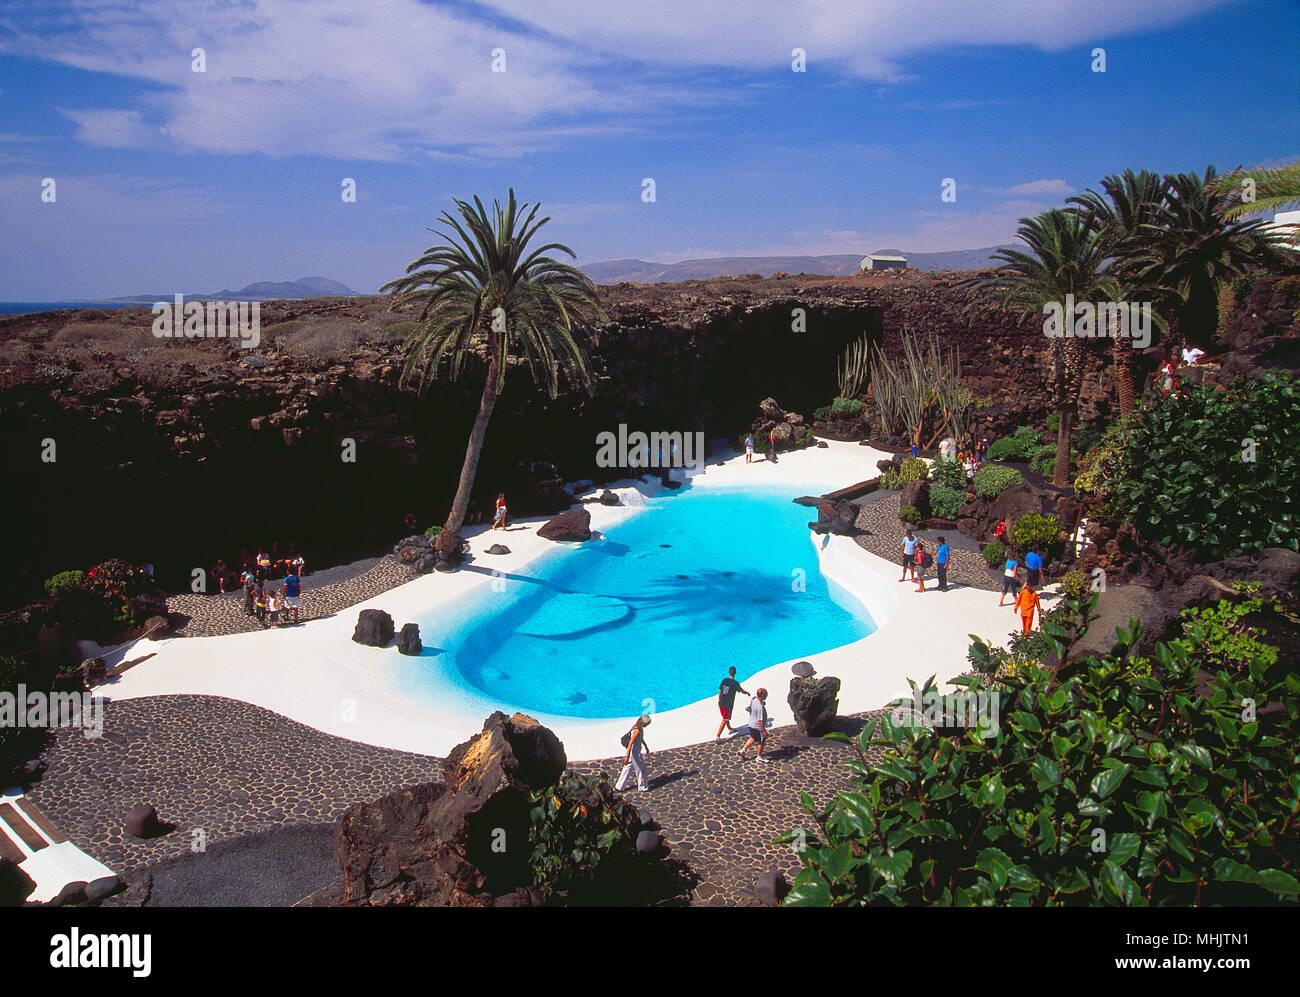 Jameos del Agua. Lanzarote, Canary Islands, Spain. - Stock Image